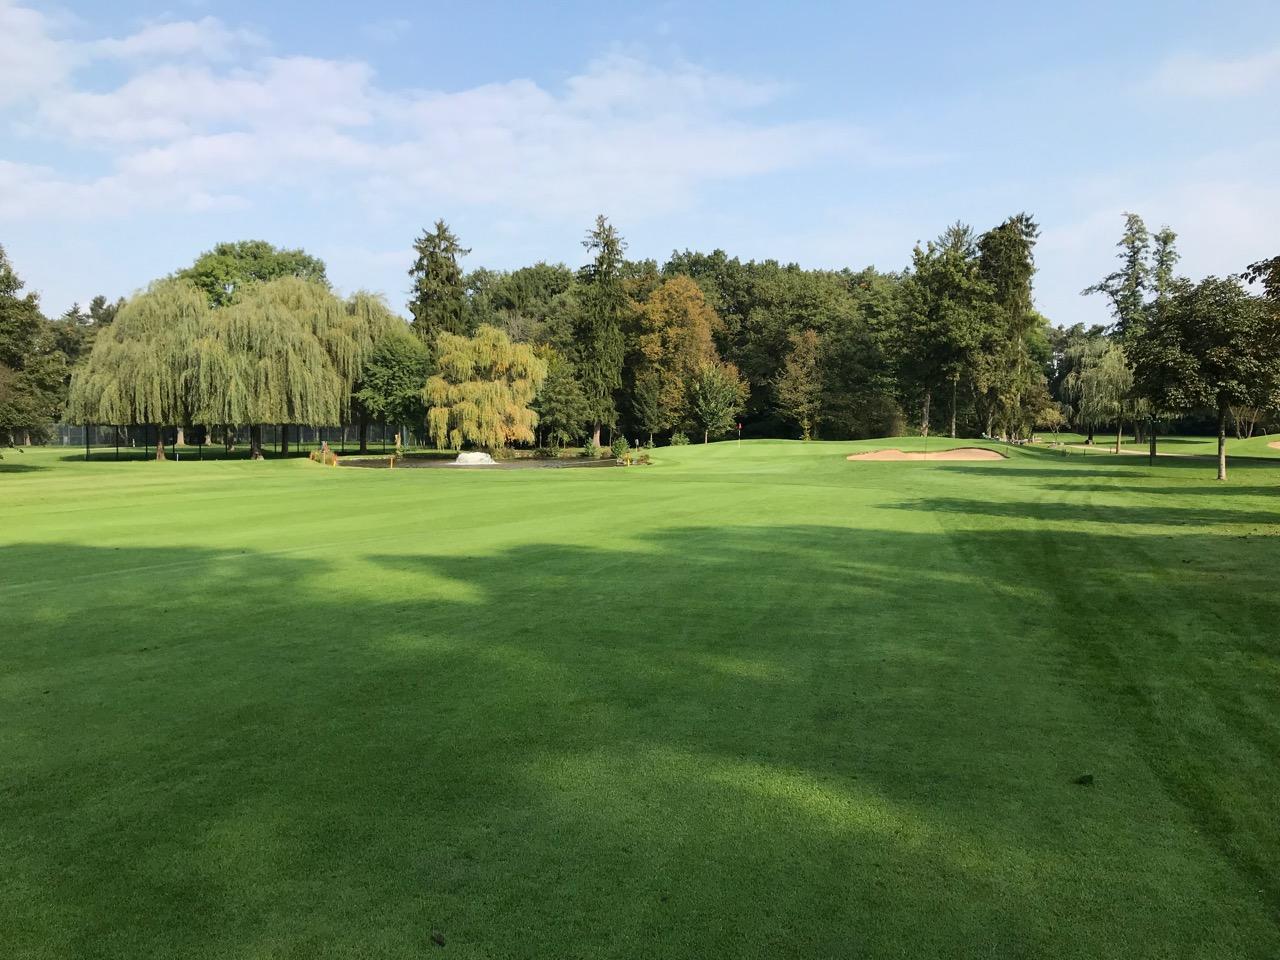 Blick zum Grün Loch8